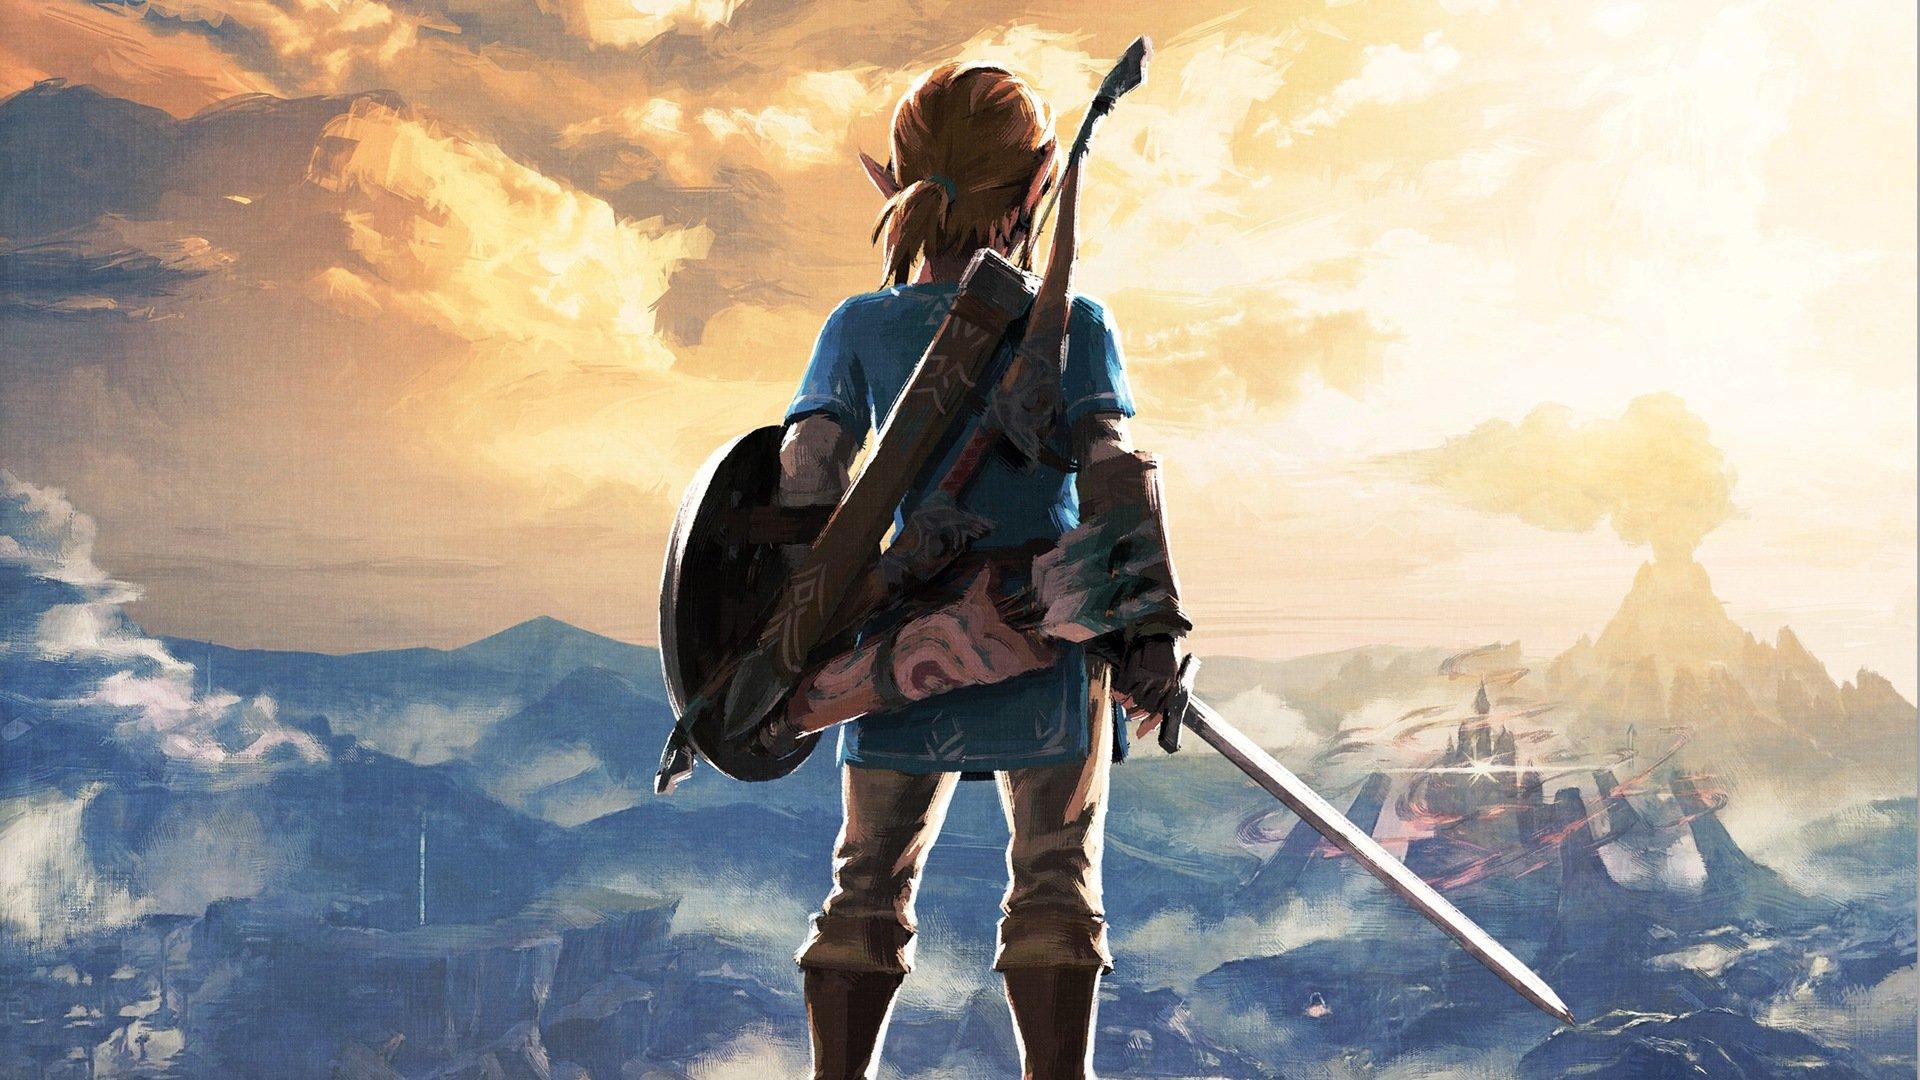 1366x768 Legend Of Zelda Breath Of The Wild Art 1366x768